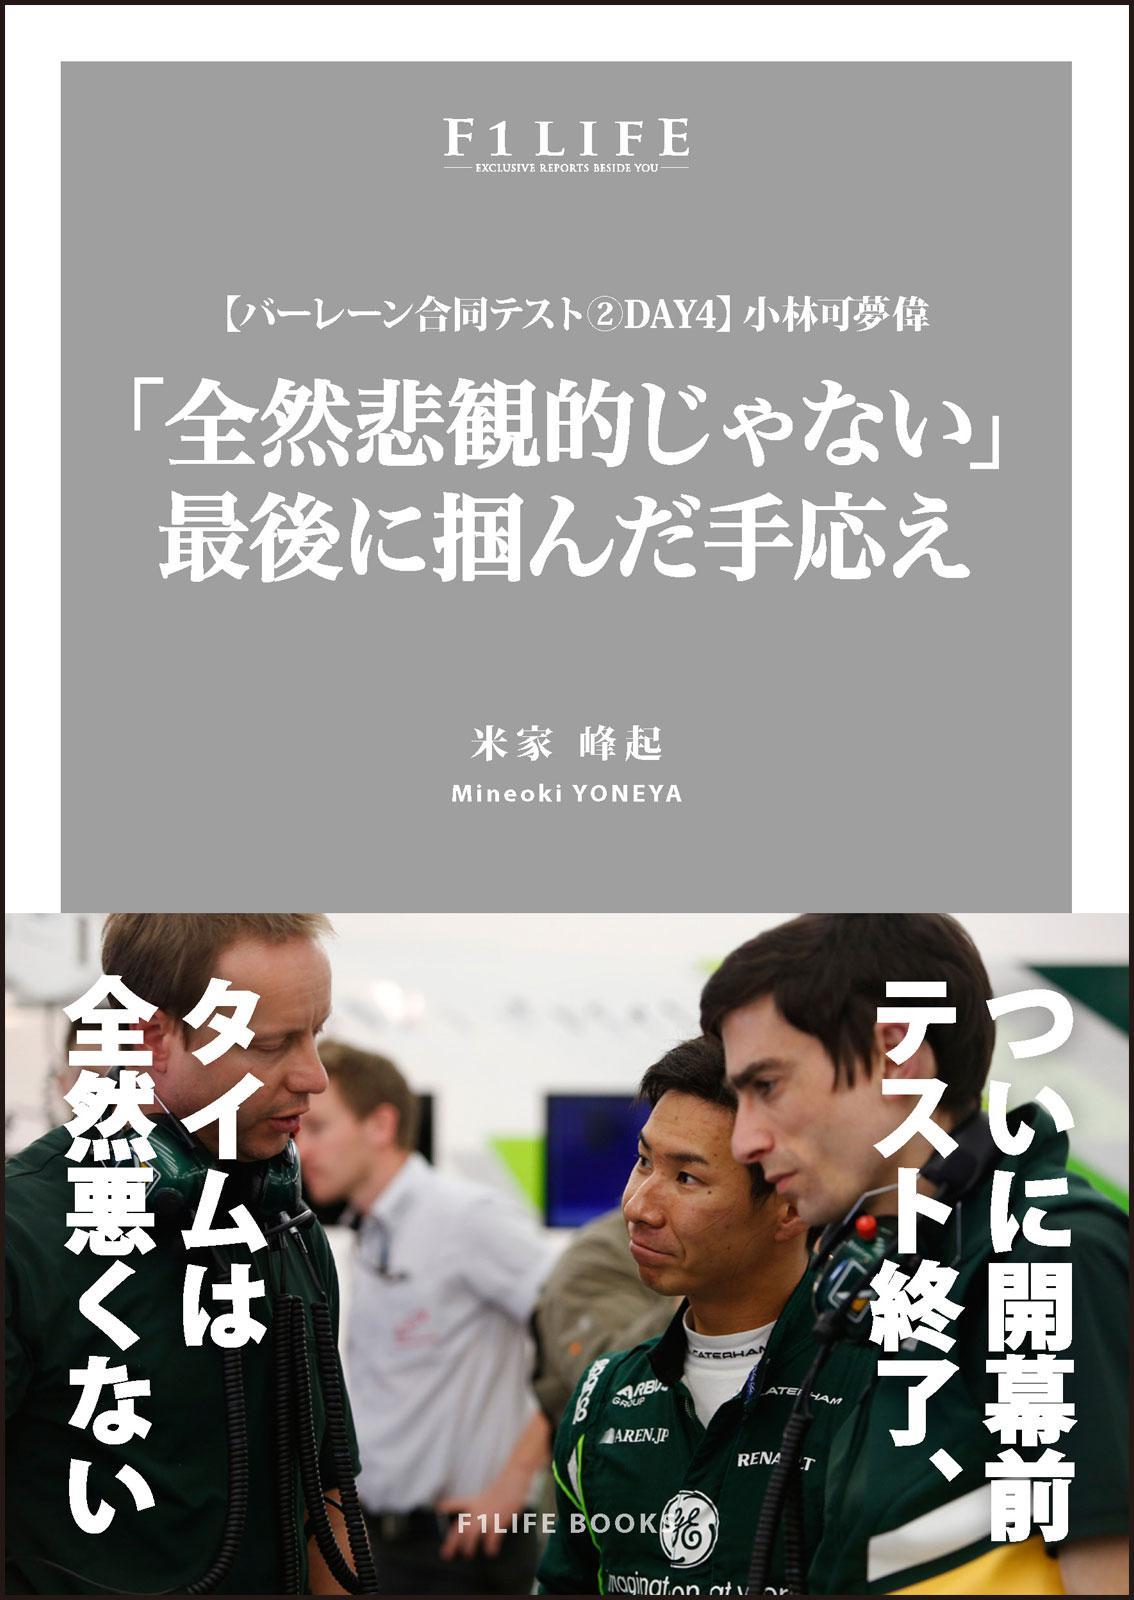 【バーレーン合同テスト2 DAY4】小林可夢偉 「全然悲観的じゃない」最後に掴んだ手応え